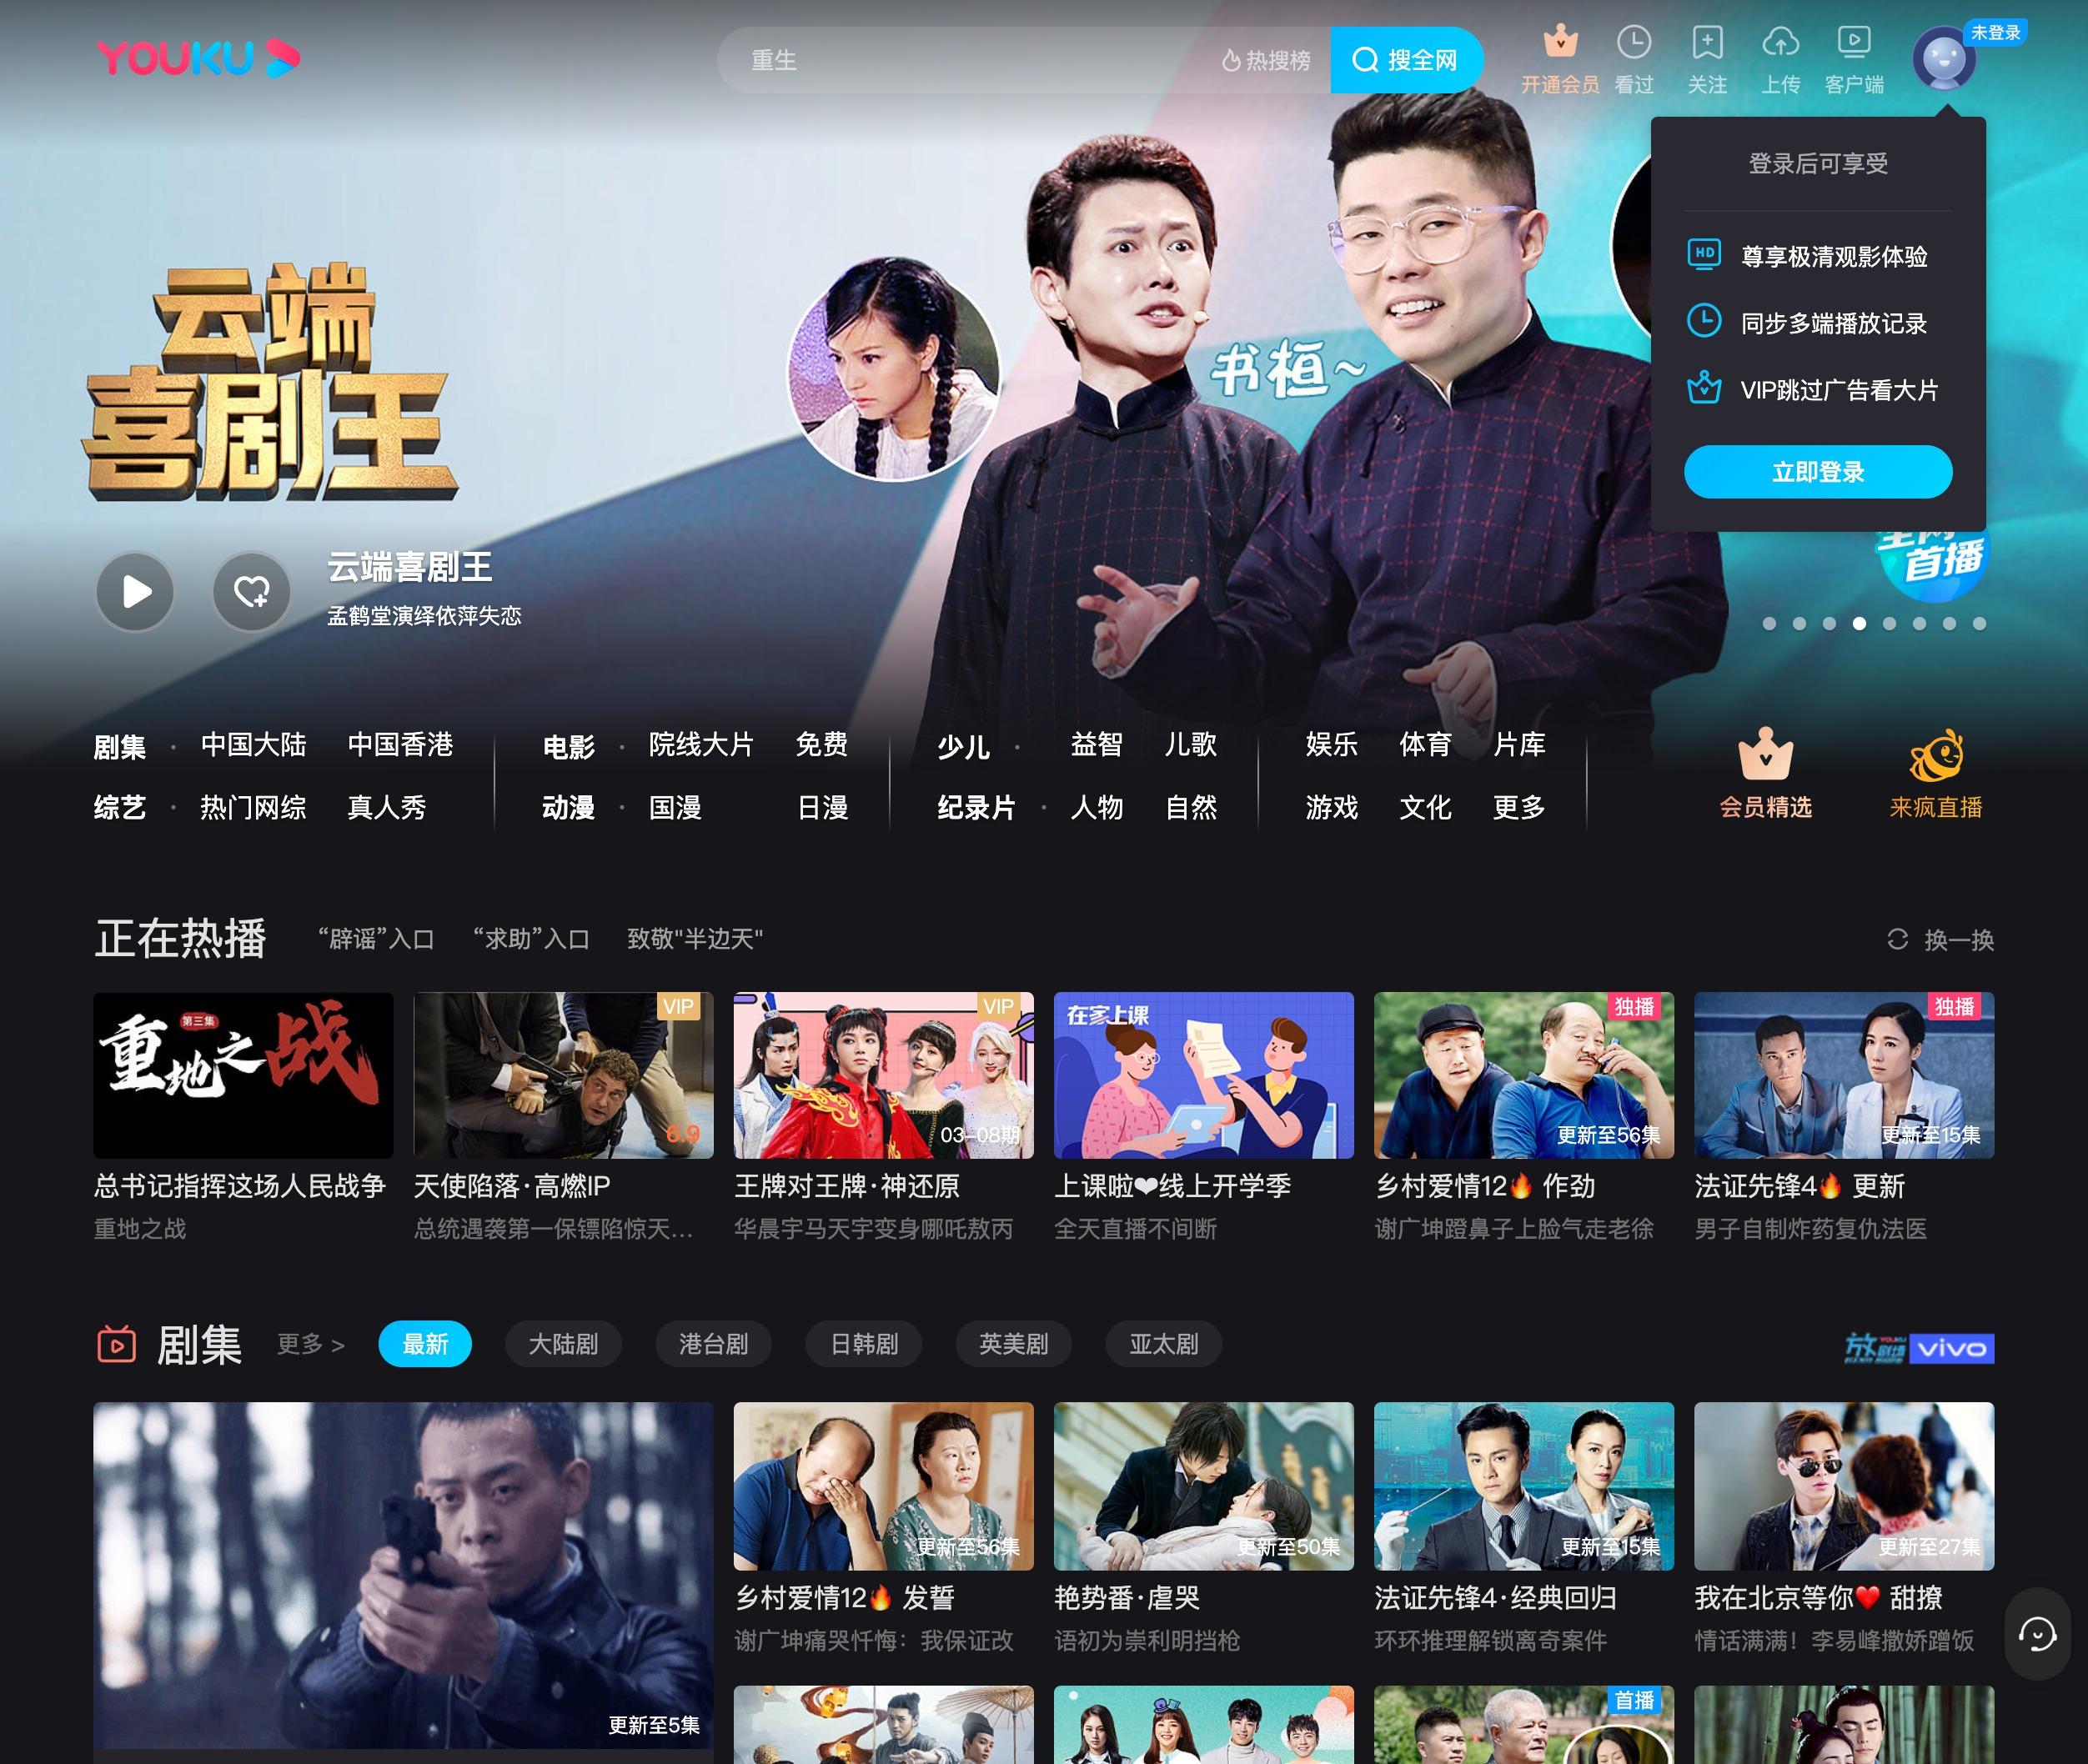 Youku(优酷/ヨウク)